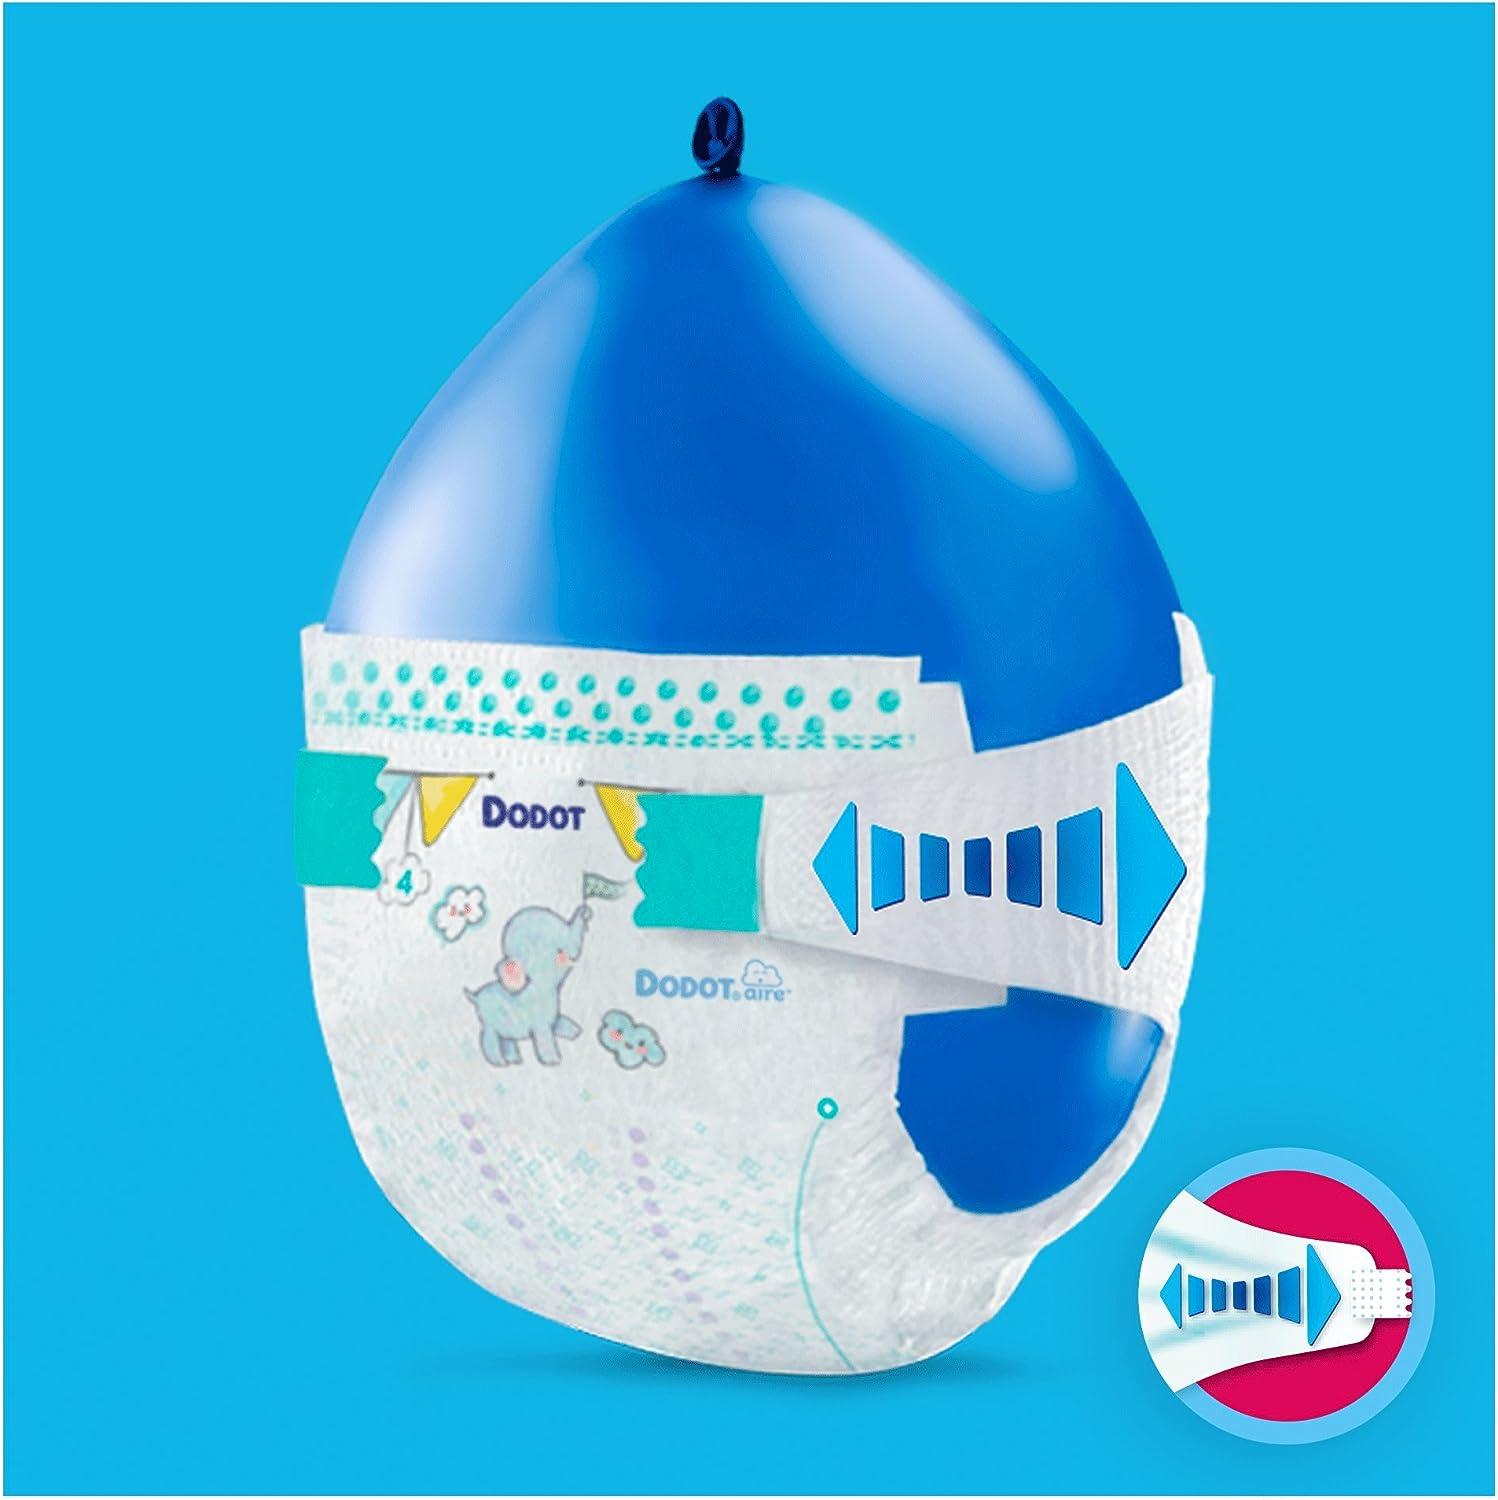 Dodot - Pañales con Canales de Aire Bebé-Seco, Talla 2, para Bebes de 4 a 8 kg - 40 Pañales